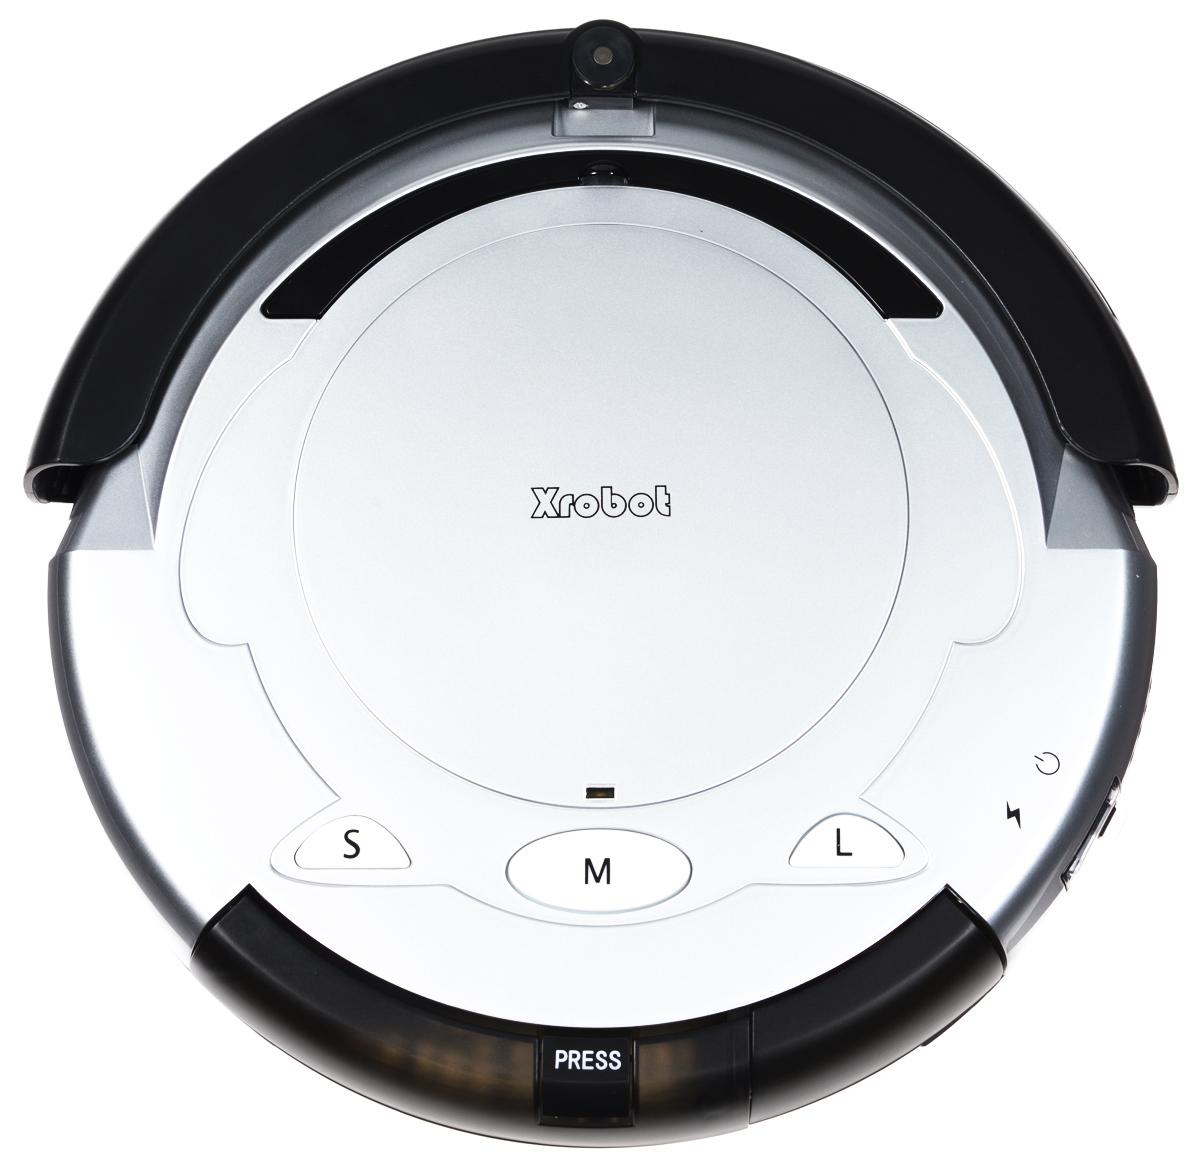 Xrobot A1, Silver Black робот-пылесосA1Пылесос Xrobot A1 представляет собой интеллектуальный, высокотехнологичный, полностью автоматический прибор, который в основном применяется в домашних условиях, в отелях и небольших офисах для чистки различных ковров с коротким ворсом, деревянных полов, керамической плитки и т. д. Интеллектуальная функция: автоматическая уборка комнат, отсутствие ручного контроля во время всего процесса чистки. Автоматическая зарядка: когда батарея разряжается, робот-пылесос автоматически ищет базу для зарядки и осуществляет зарядку. Автоматическая чистка: после установки этой функции робот-пылесос автоматически продолжит работу после полной зарядки. Функция защиты от падения: в нормальных условиях работы предотвращает падение робота-пылесоса со стола или лестницы Функция отложенного старта чистки позволяет выполнить зарядку в течение 4-5 часов и начать работу в заданное время. Ограничитель перемещения позволяет...